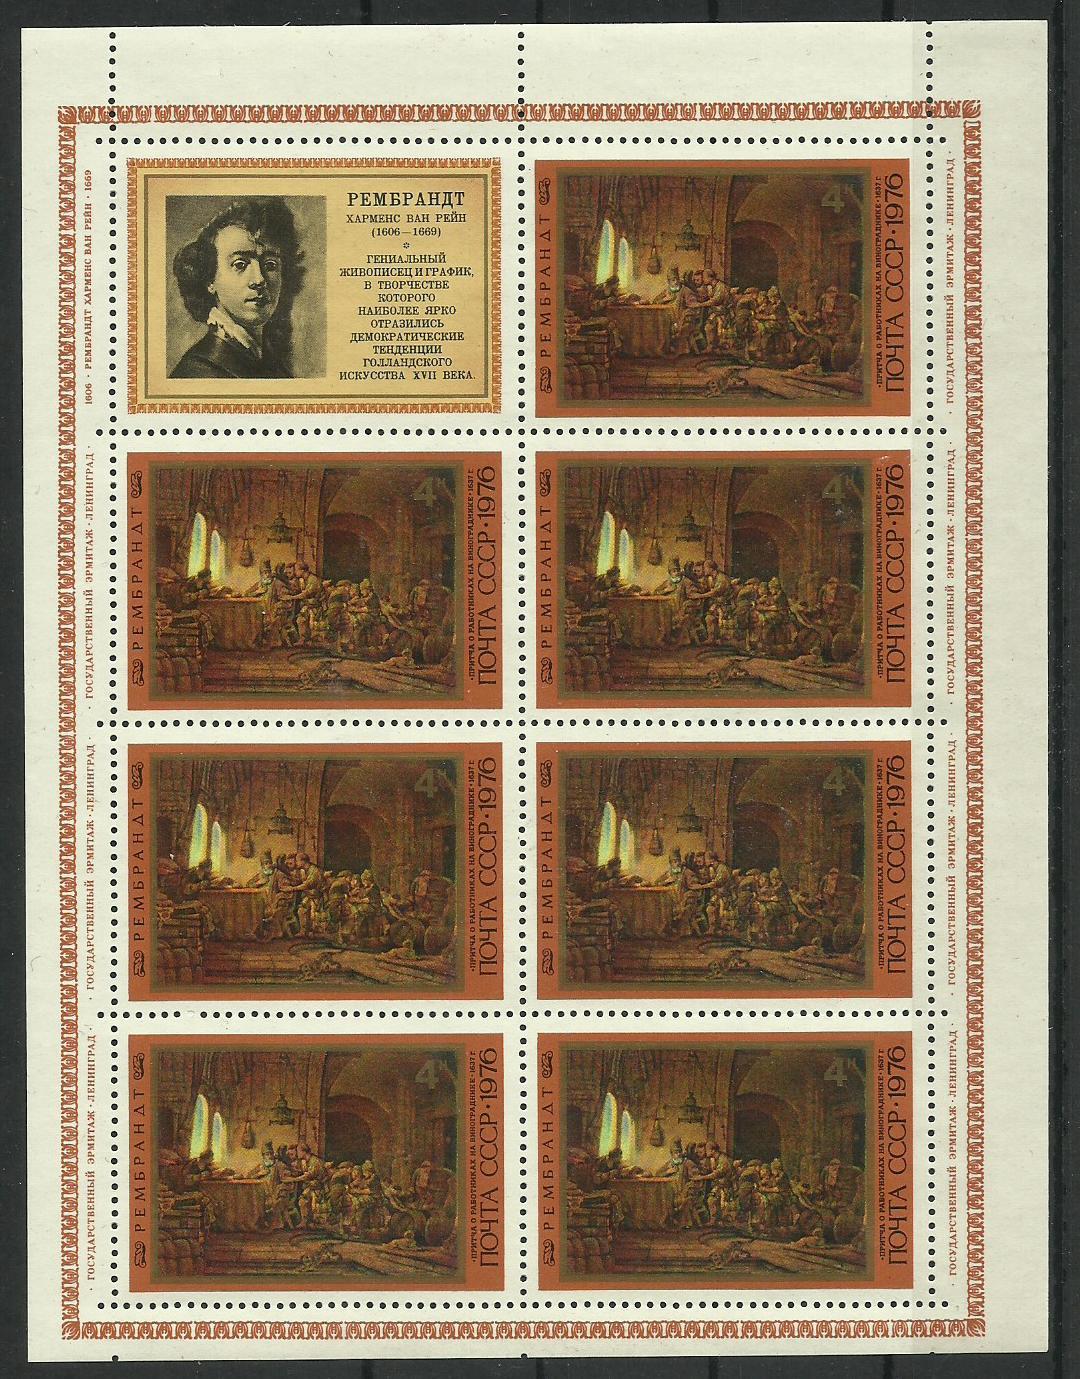 Каталог почтовые марки россии рембрандт фото форматов изображений